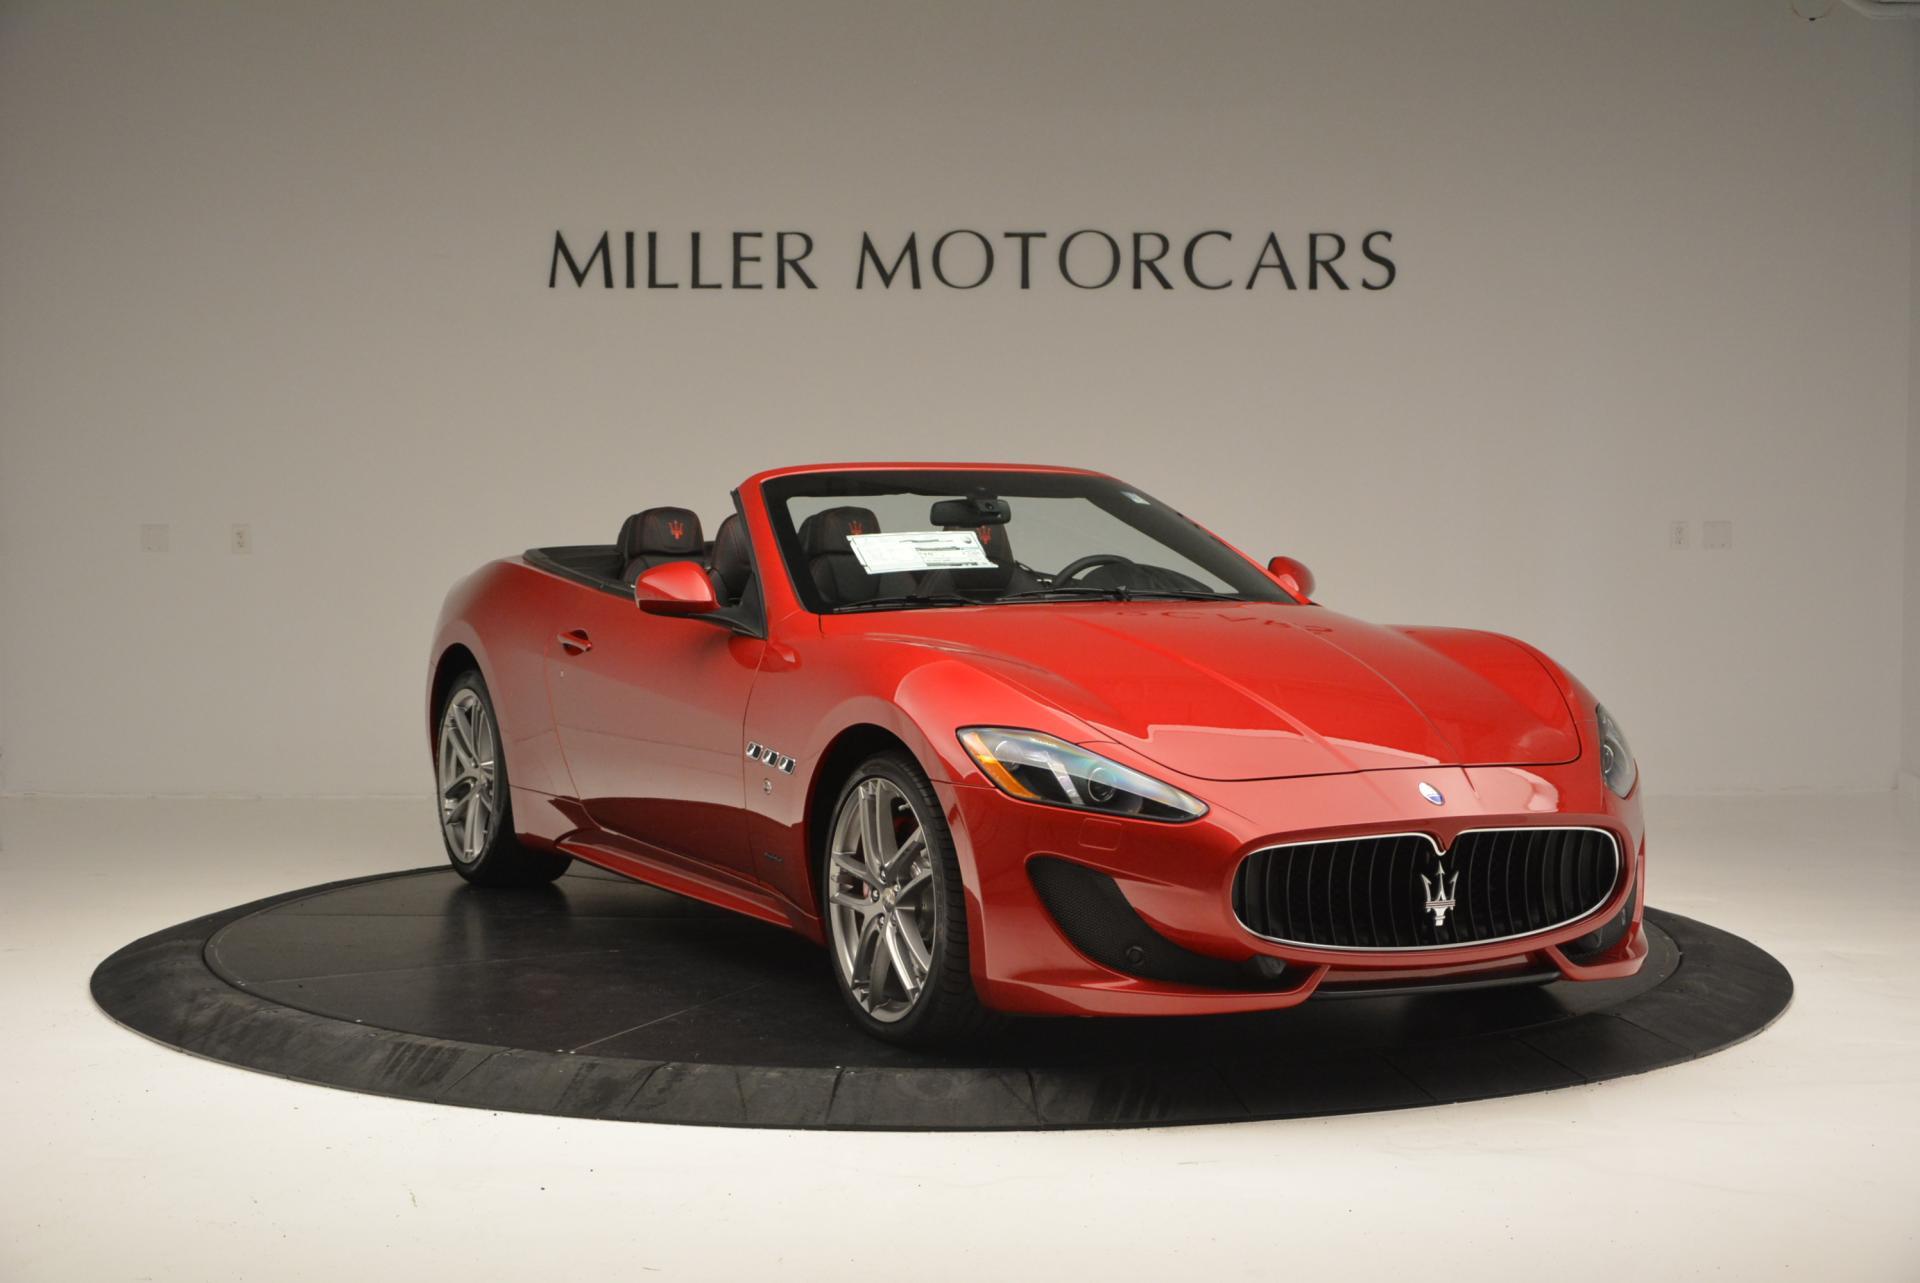 New 2017 Maserati GranTurismo Cab Sport For Sale In Westport, CT 152_p11